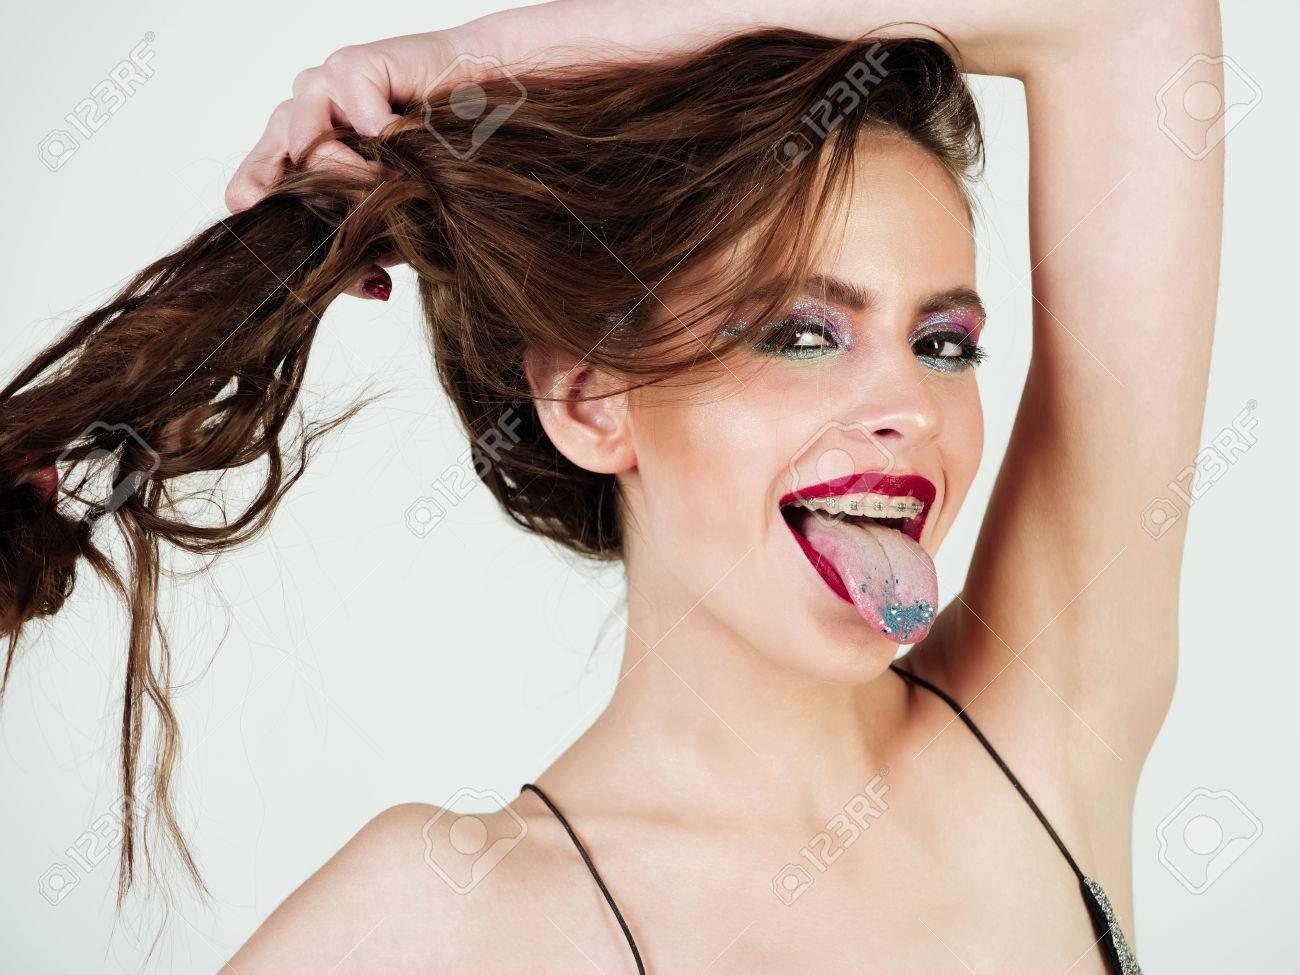 c383759505 Foto de archivo - Hermosa mujer o niña con maquillaje de moda